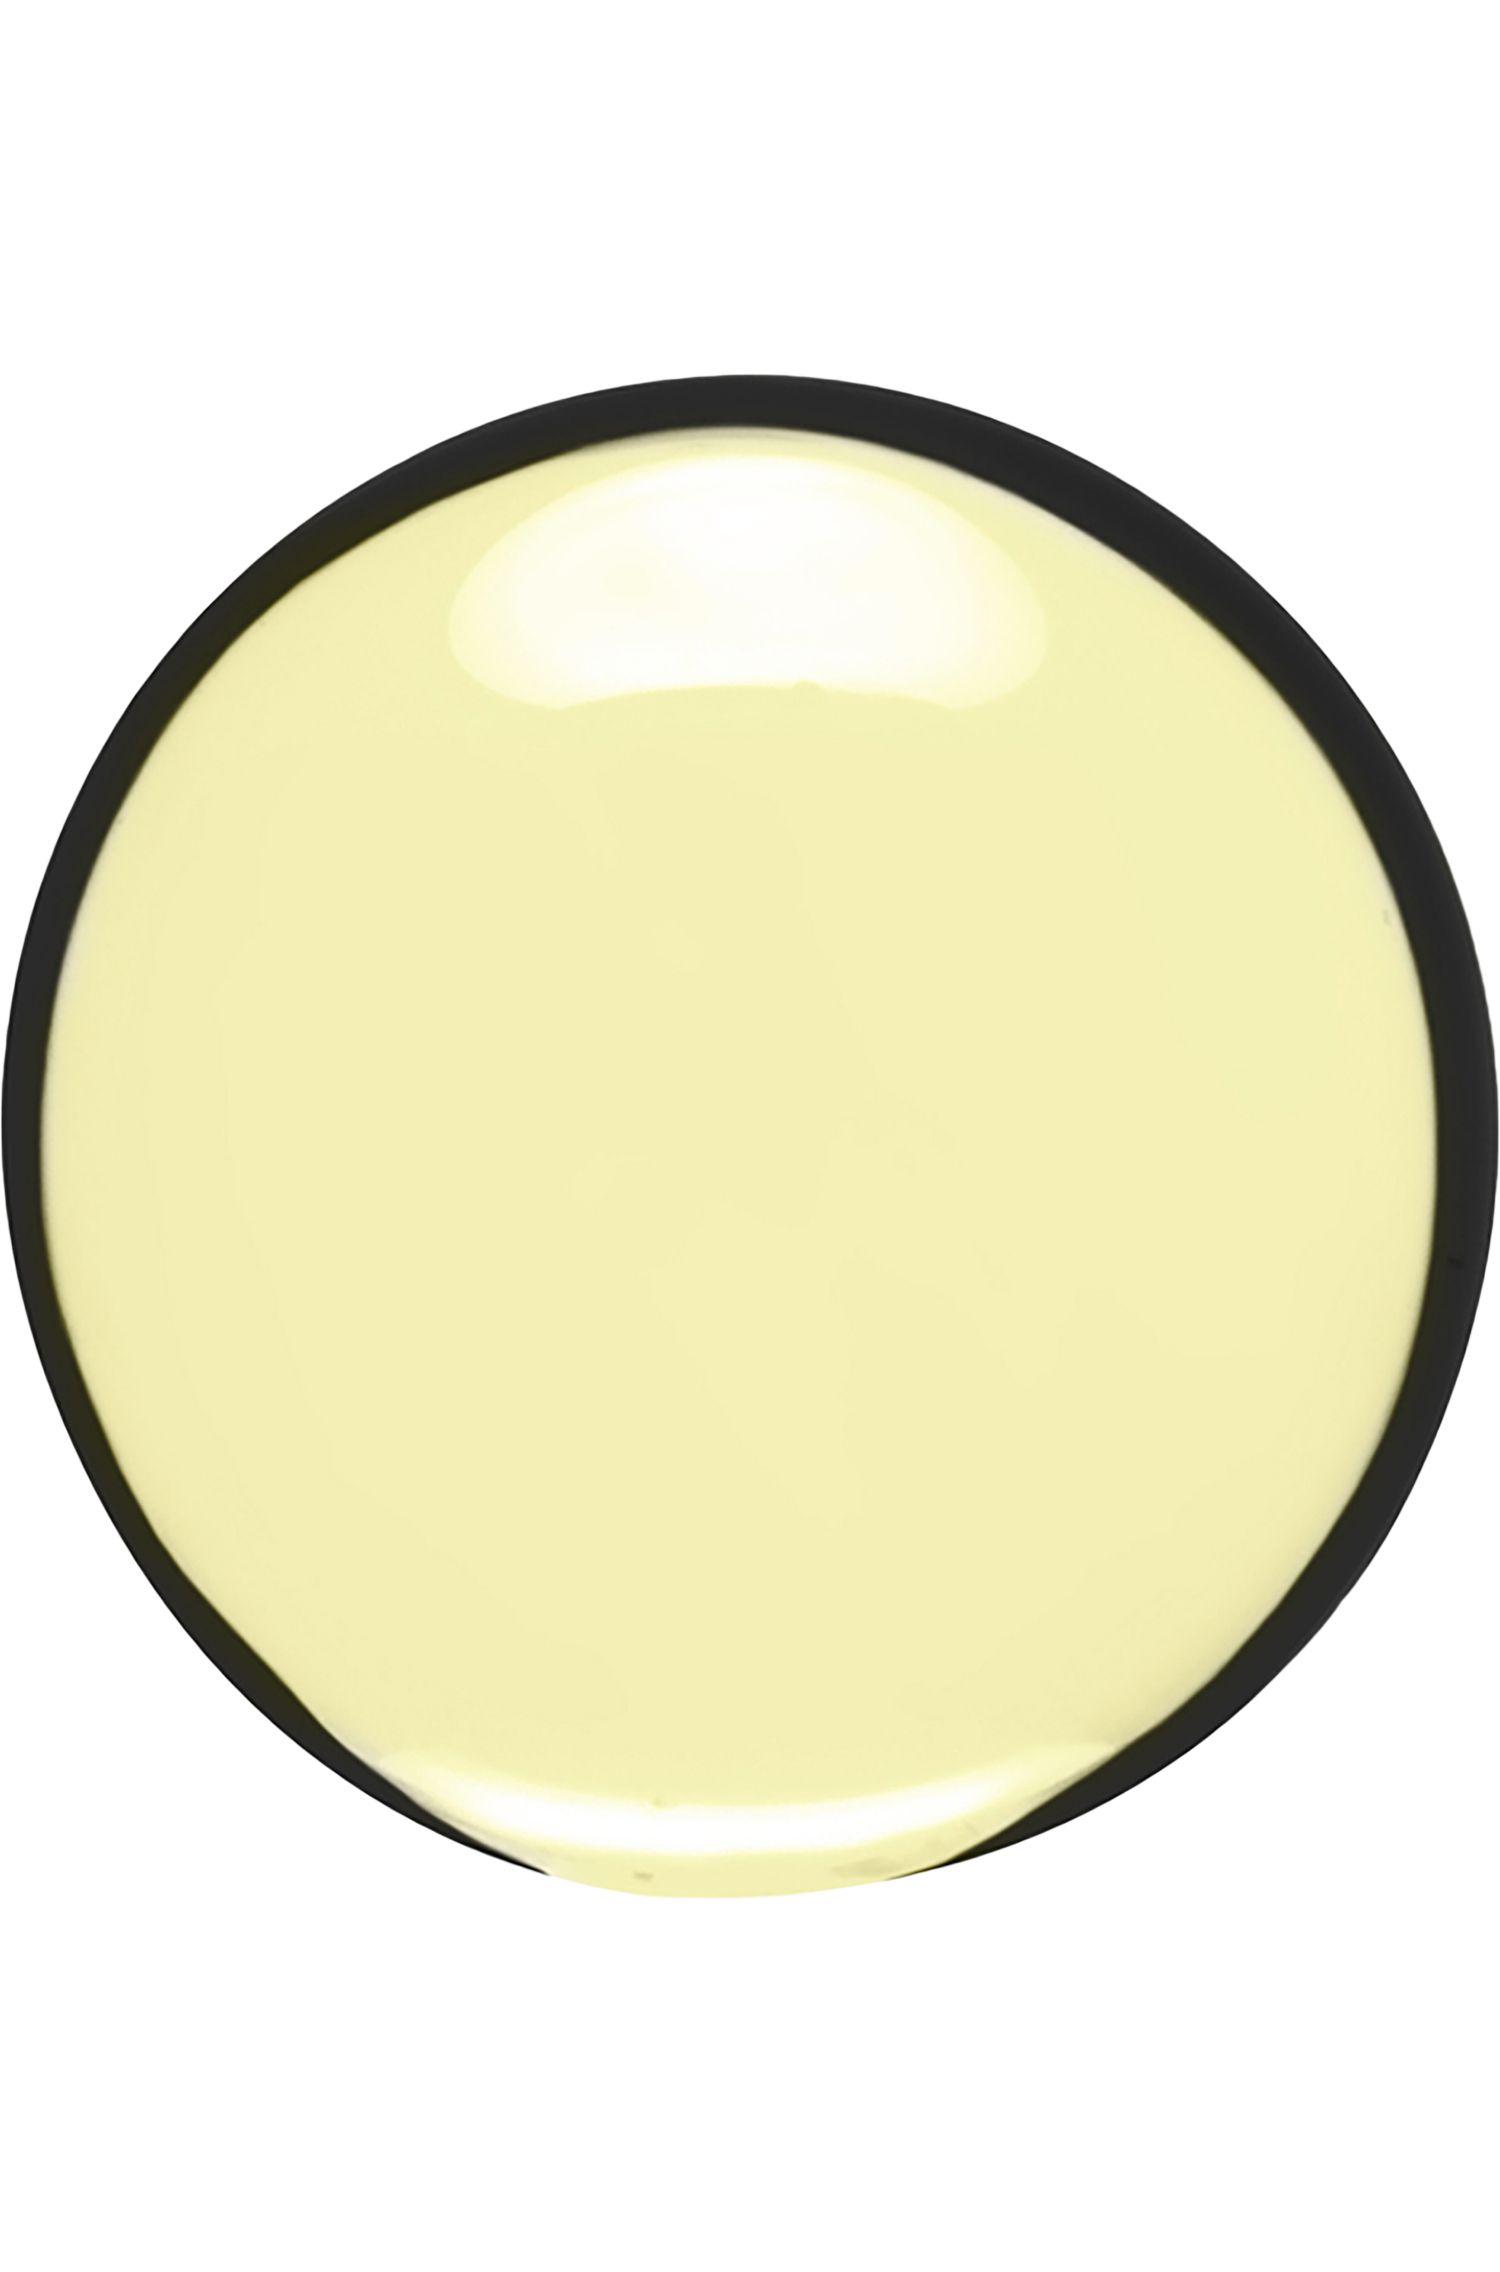 Blissim : Clarins - Lotion tonique démaquillante apaisante peaux sèches - Lotion tonique démaquillante apaisante peaux sèches